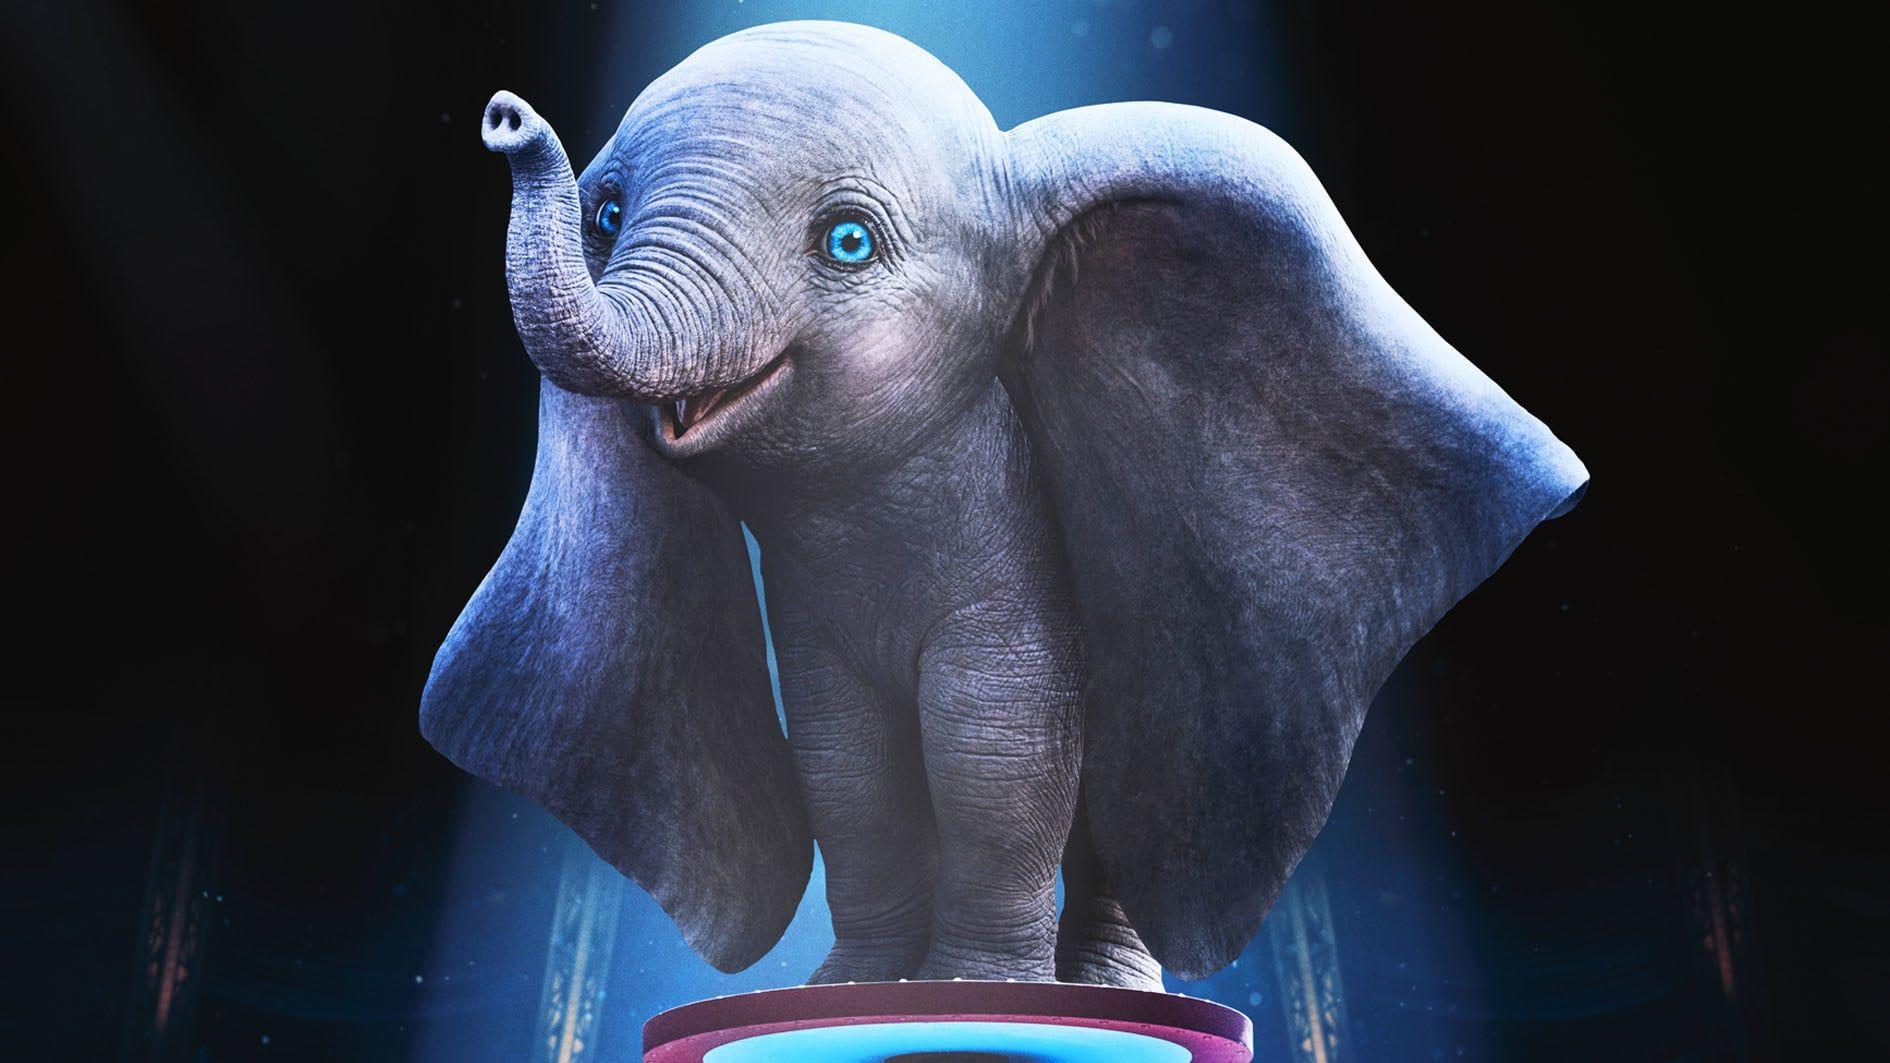 Dumbo 2019 Ganzer Film Deutsch Komplett Kino In Der Manege Macht Dem Zirkusstar Holt Farrier Colin Farrell Keiner So Schnell Etw Dumbo Movie Dumbo Tim Burton